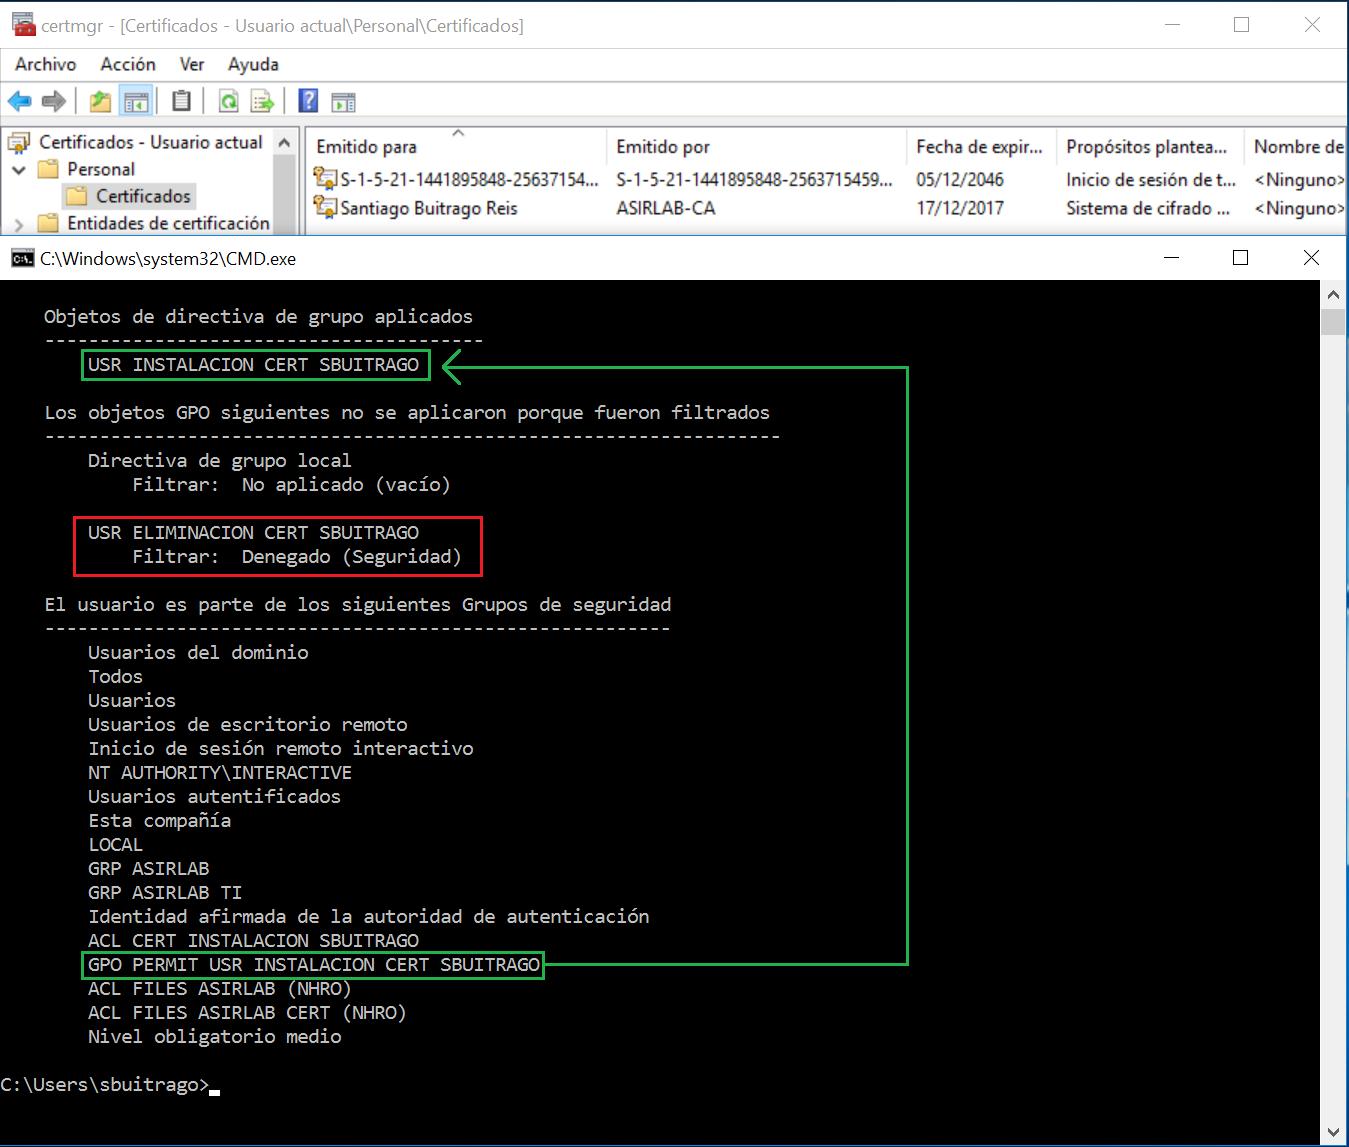 instalar_certificados_usuarios_via_gpo_46